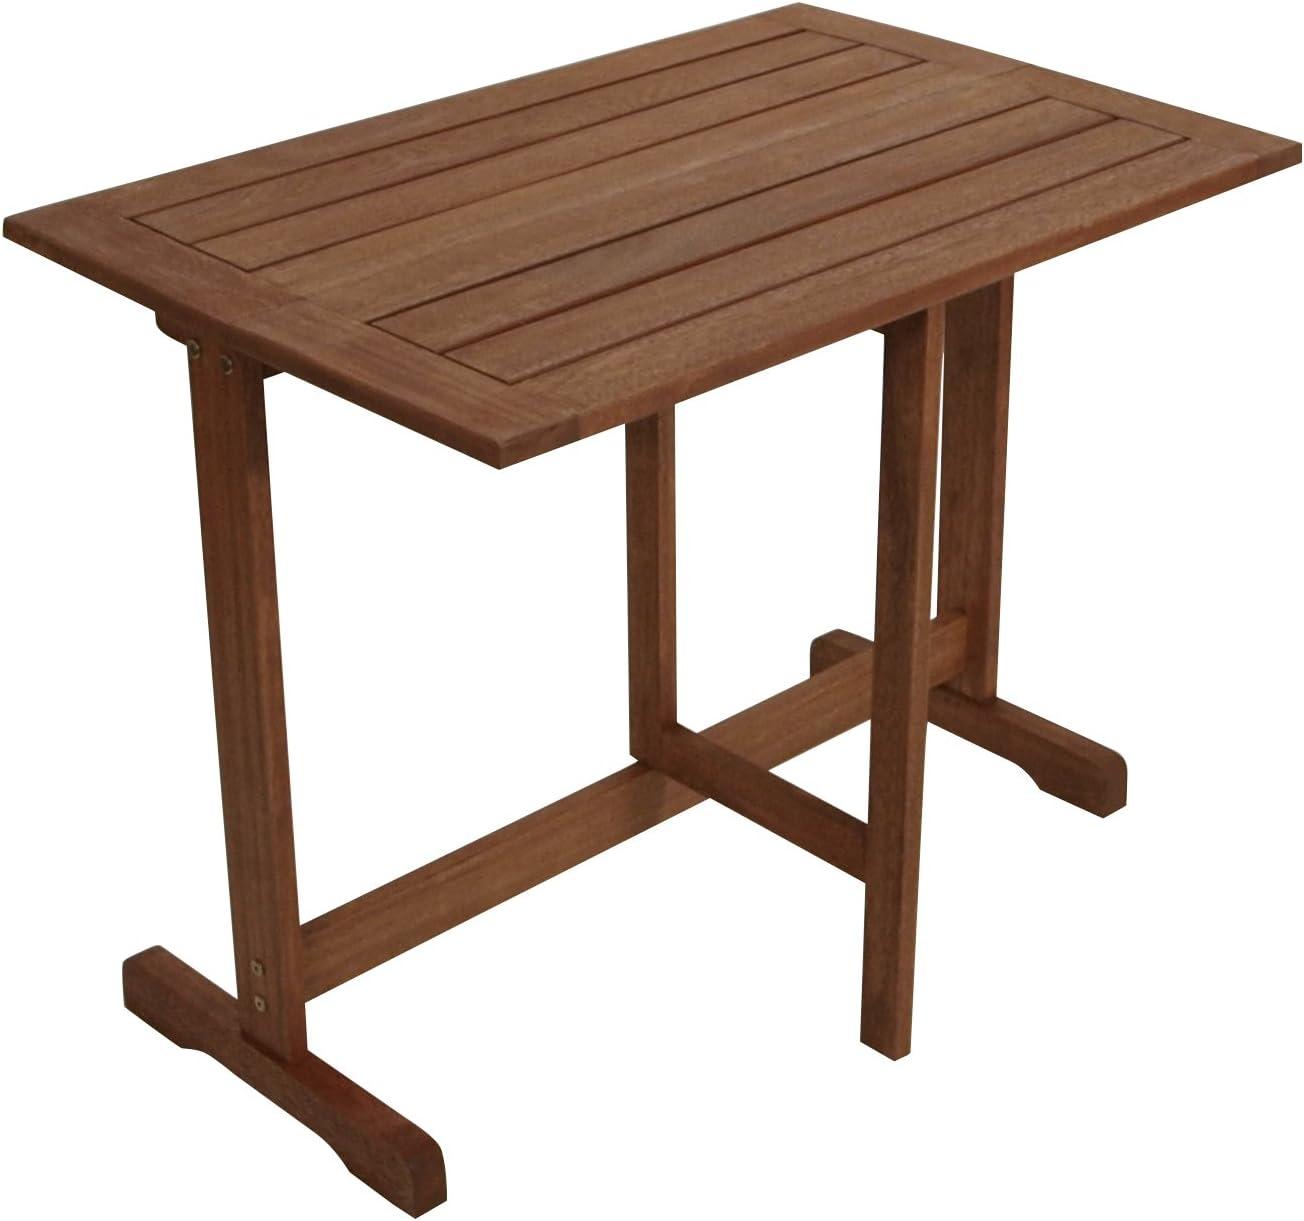 gartenmoebel-einkauf Klappentisch halbrund 90x60cm aus Eukalyptus Holz FSC/®-zertifiziert